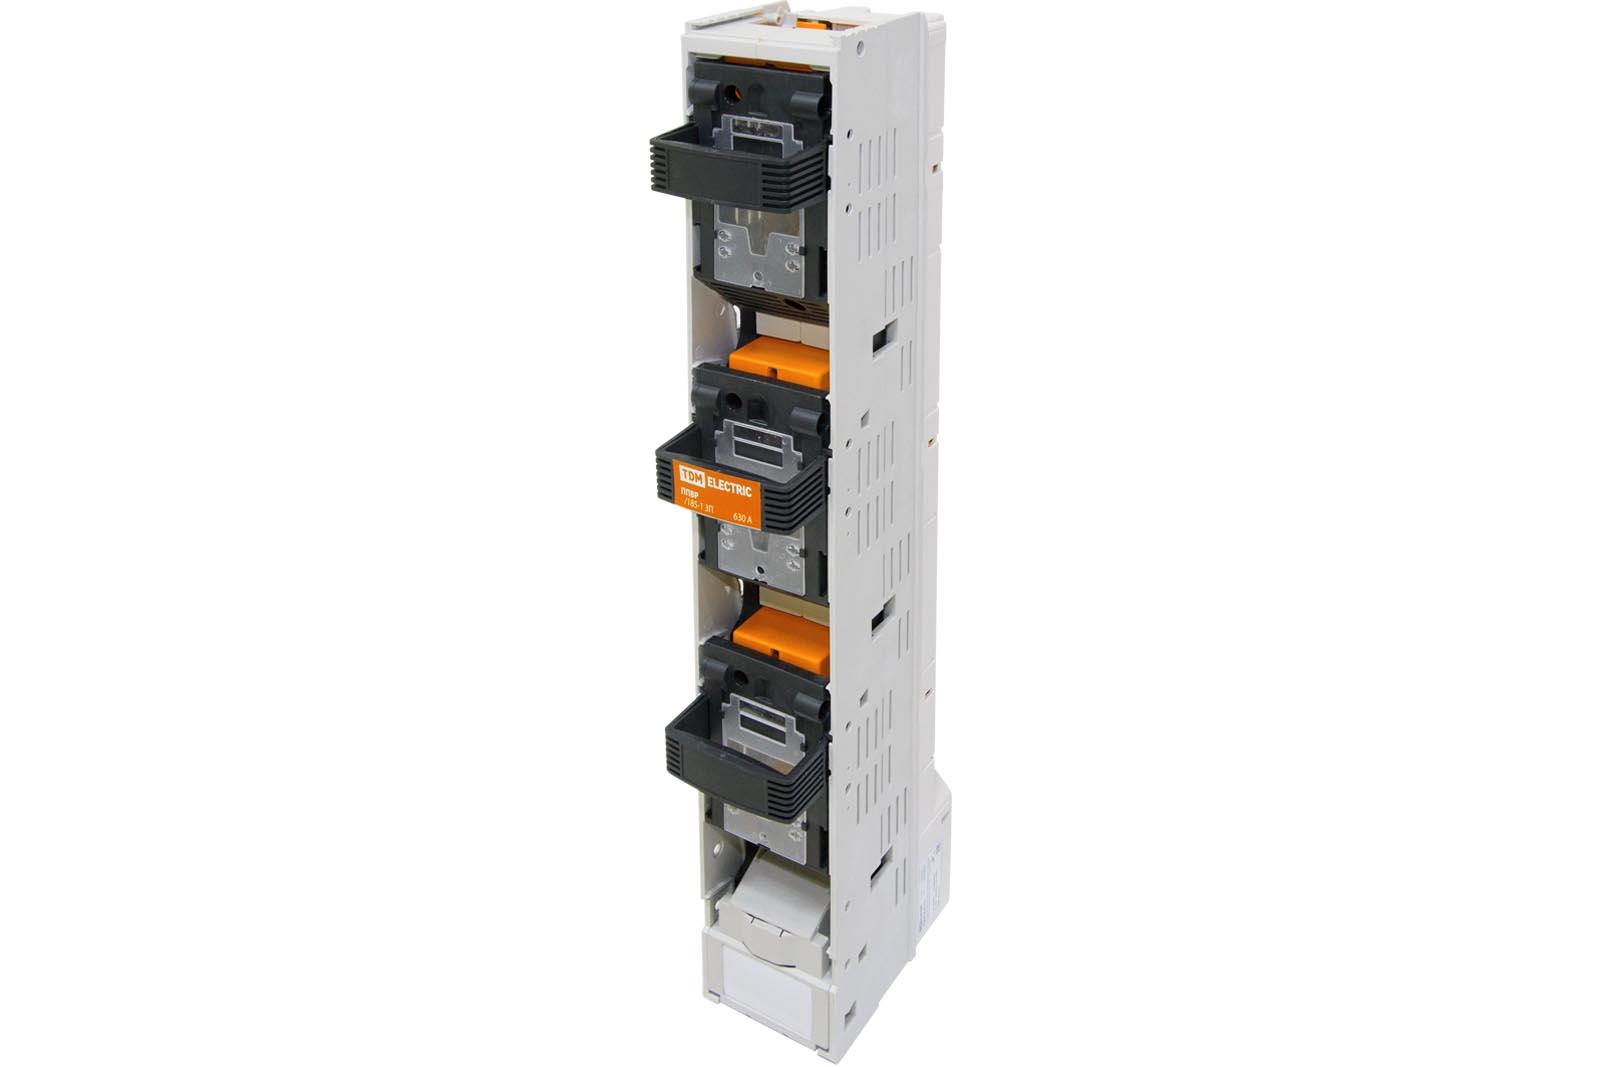 Фото Планочный выключатель-разъединитель с функцией защиты три рукоятки ППВР 1/185-1 3П 250A TDM {SQ0726-0111}